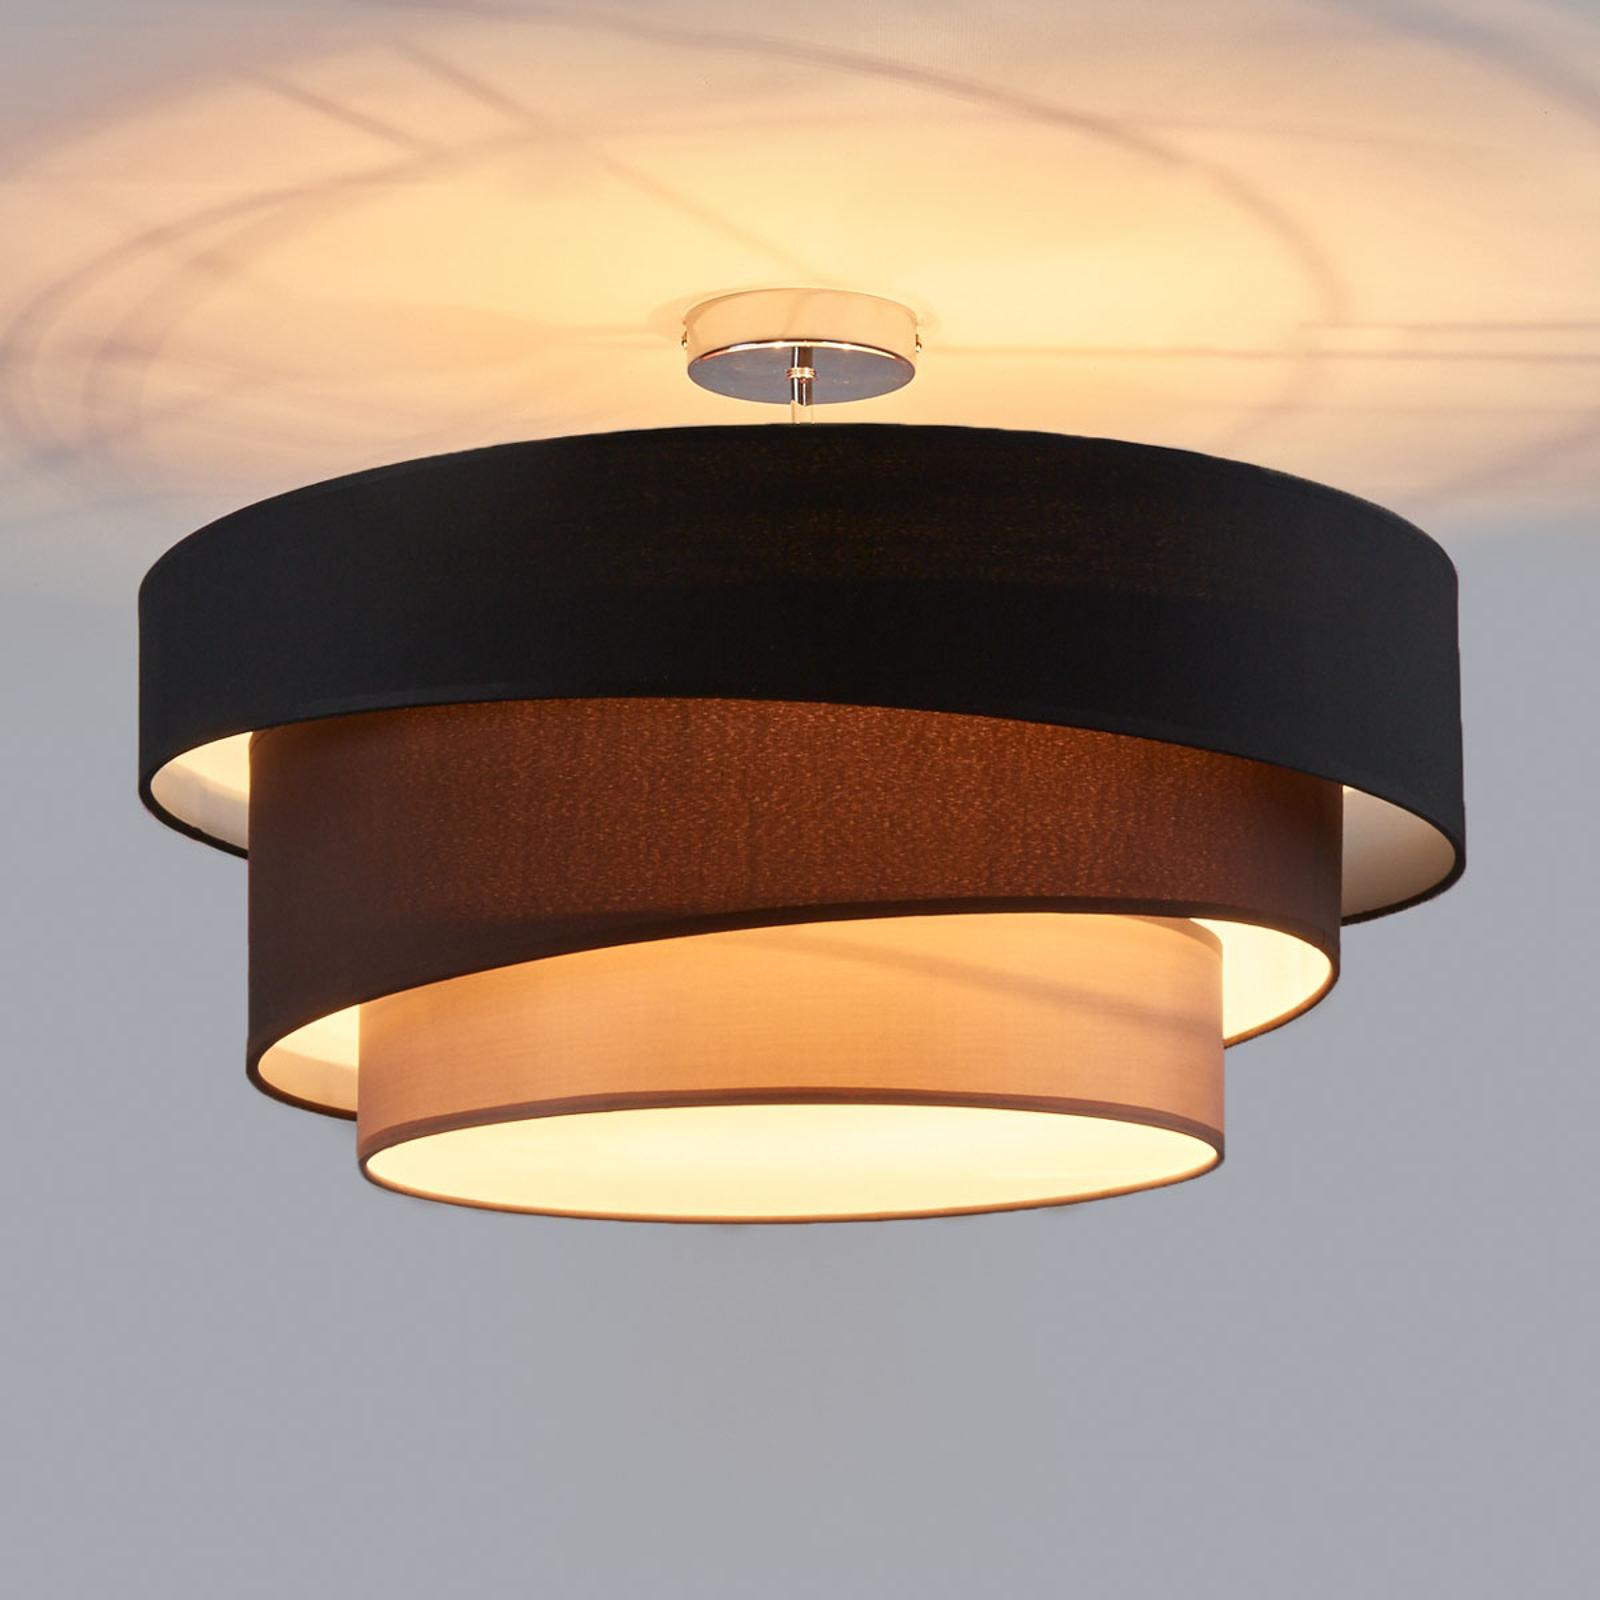 Tiltalende loftslampe Melia, sort og brun